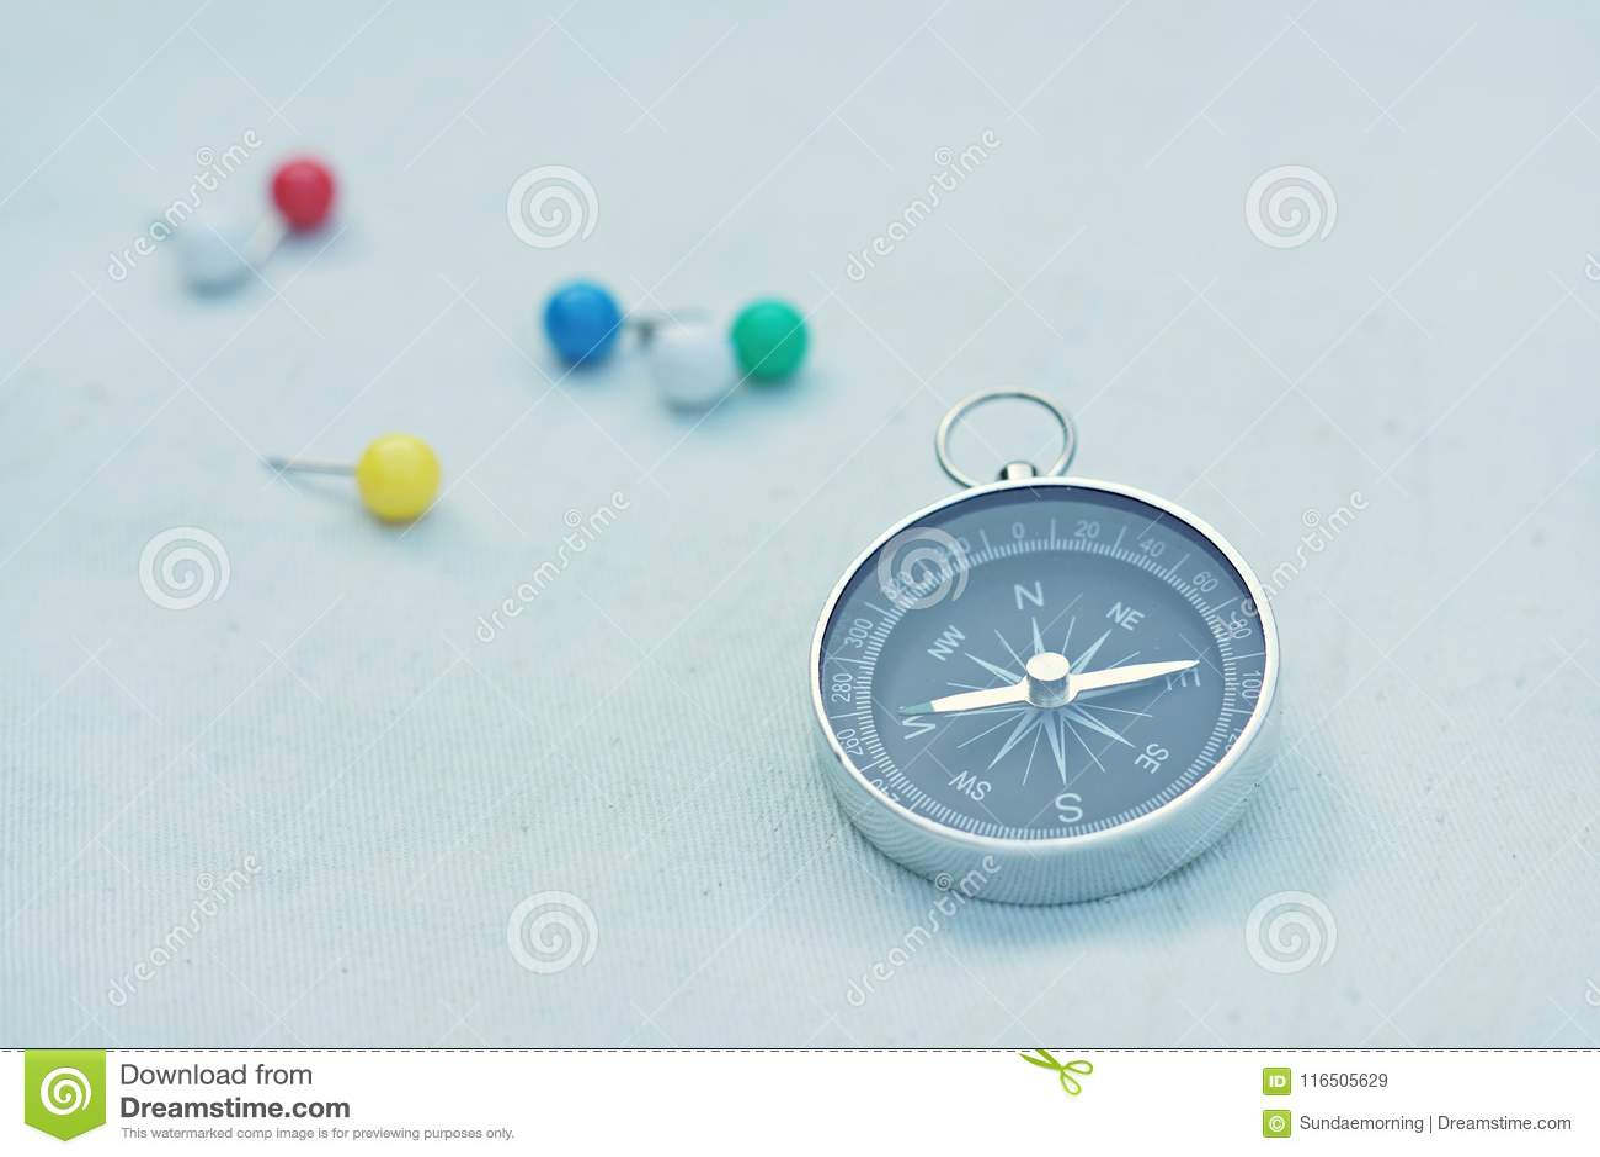 Kompasu i ocechowania szpilki na brezentowym tle